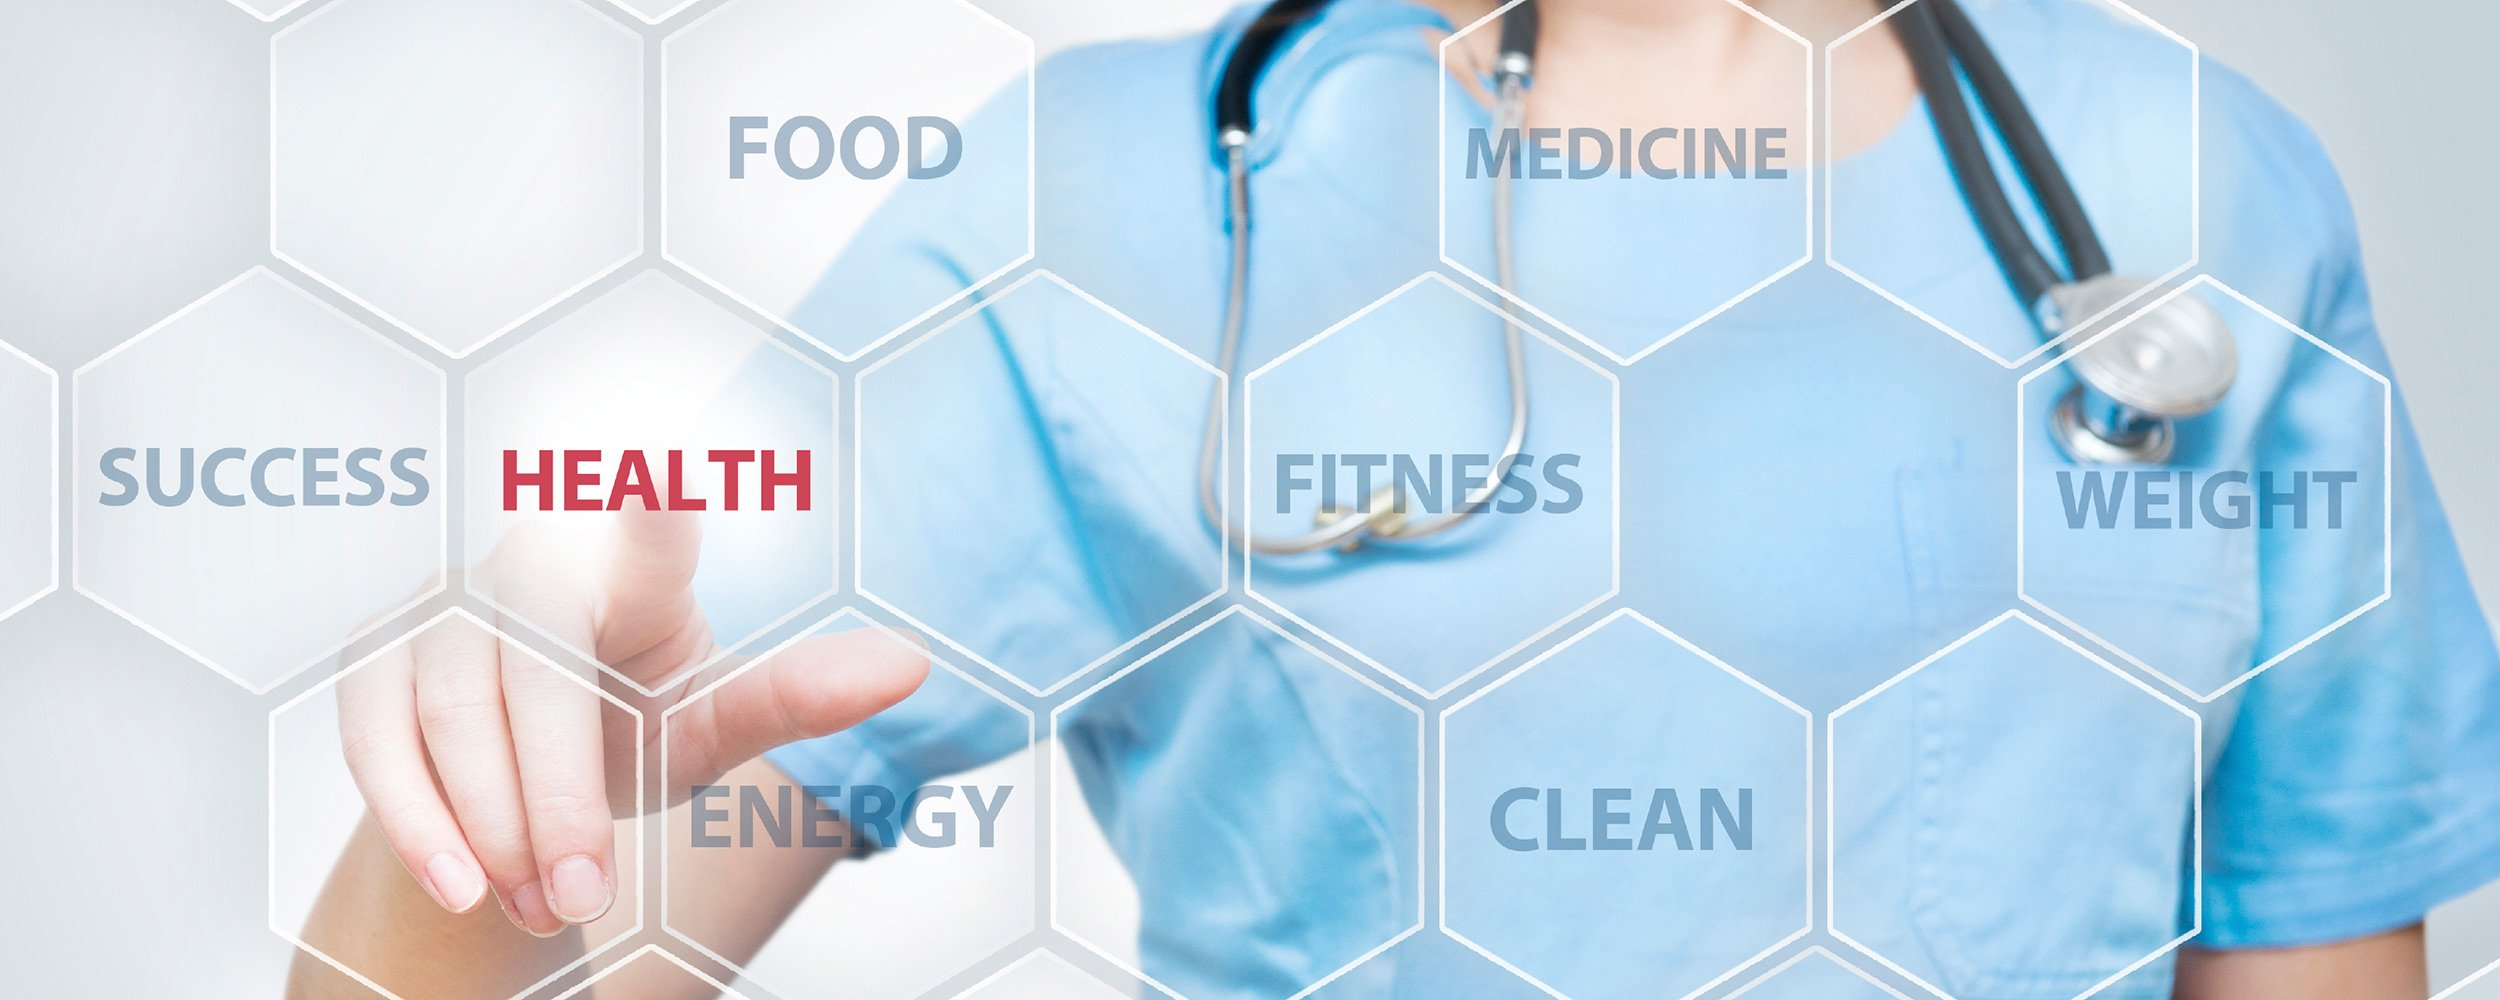 Kombination von Medikamenten kann die Bekämpfung von tödlichen Medikamenten-resistenten Pilz